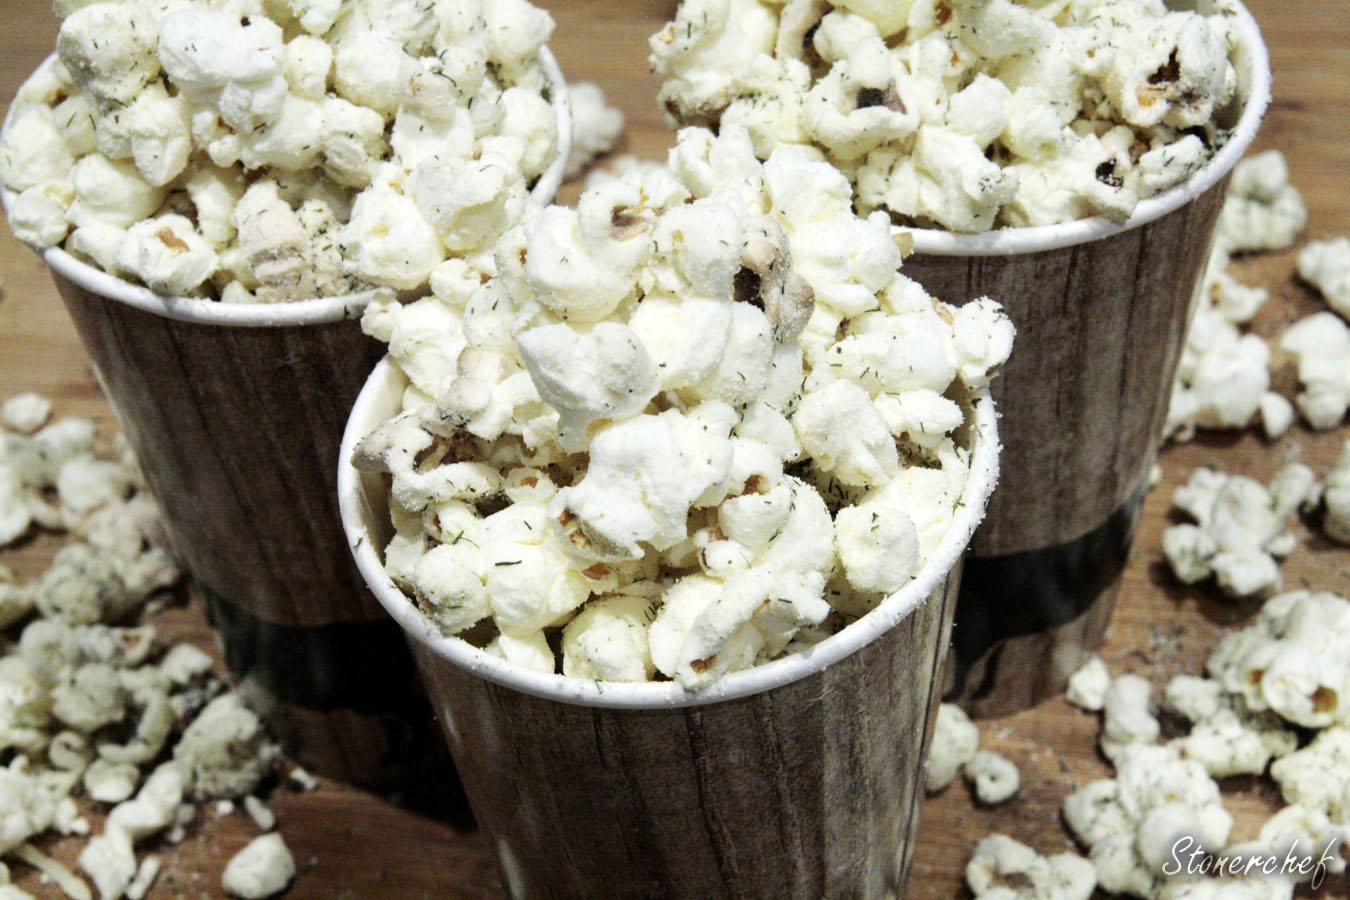 http://www.stonerchef.pl/wp-content/uploads/2017/02/zblizenie-na-popcorn-o-smaku-fromage.jpg